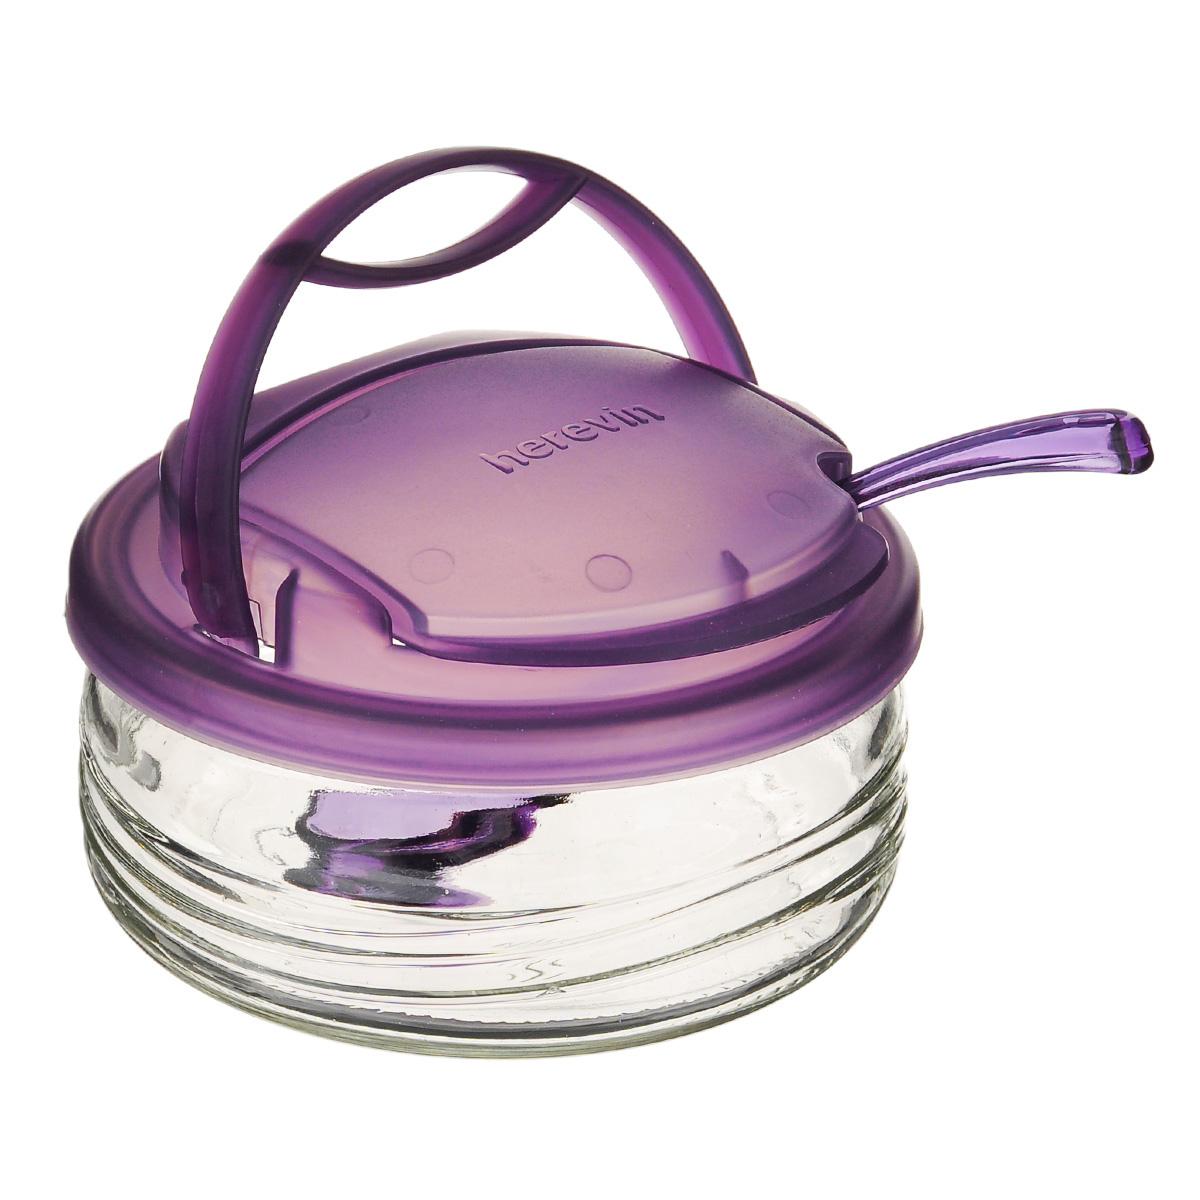 Сахарница Vera, с ложечкой, цвет: фиолетовый, 410 млS131555Сахарница Vera выполнена из высококачественного стекла и оснащена удобной съемной пластиковой крышкой. Крышка имеет специальное отверстие с поднимающимся козырьком. Чтобы насыпать сахар, вам достаточно будет поднять козырек и зачерпнуть нужное количество сахара. В набор входит специальная пластиковая ложечка. Такая оригинальная сахарница непременно украсит любой стол и прекрасно впишется в интерьер кухни. Объем: 410 мл. Диаметр сахарницы (по верхнему краю): 12 см. Высота сахарницы (с учетом крышки): 7 см. Длина ложечки: 13 см. Размер рабочей поверхности ложечки: 3,5 см х 3 см.